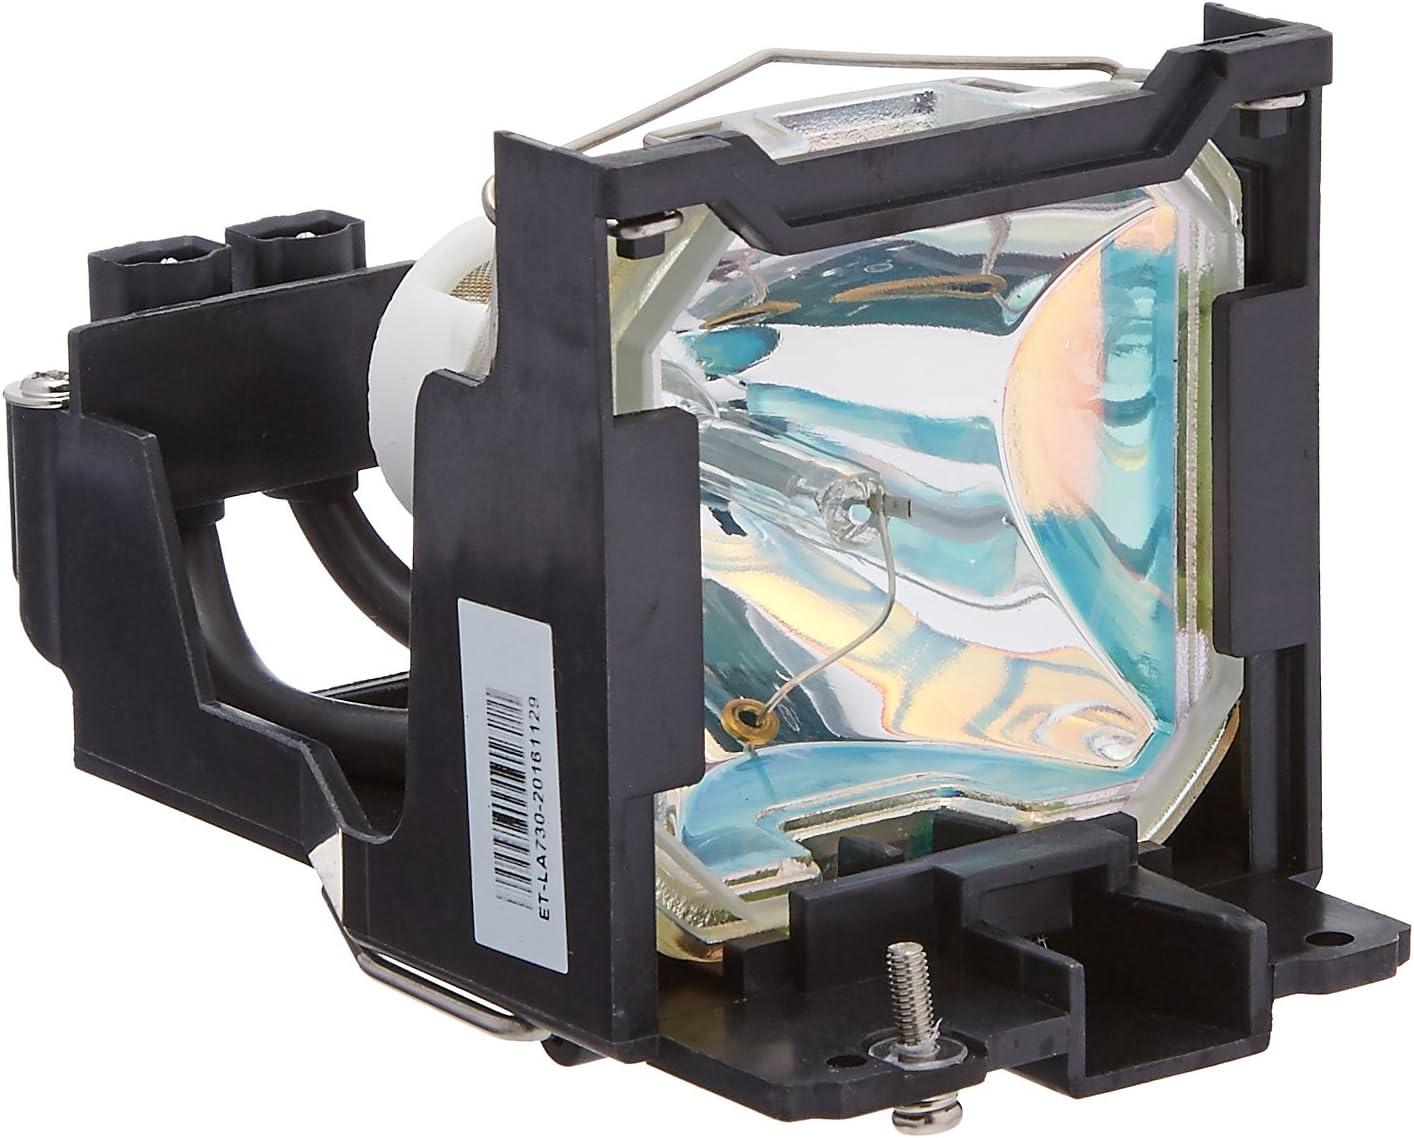 PT-L520U TV PT-L730 PT-L730NTU PROJECTORs TV lamp ET-LA730 for Panasonic PT-L520 PT-L720 PT-L720U Replacement Projector